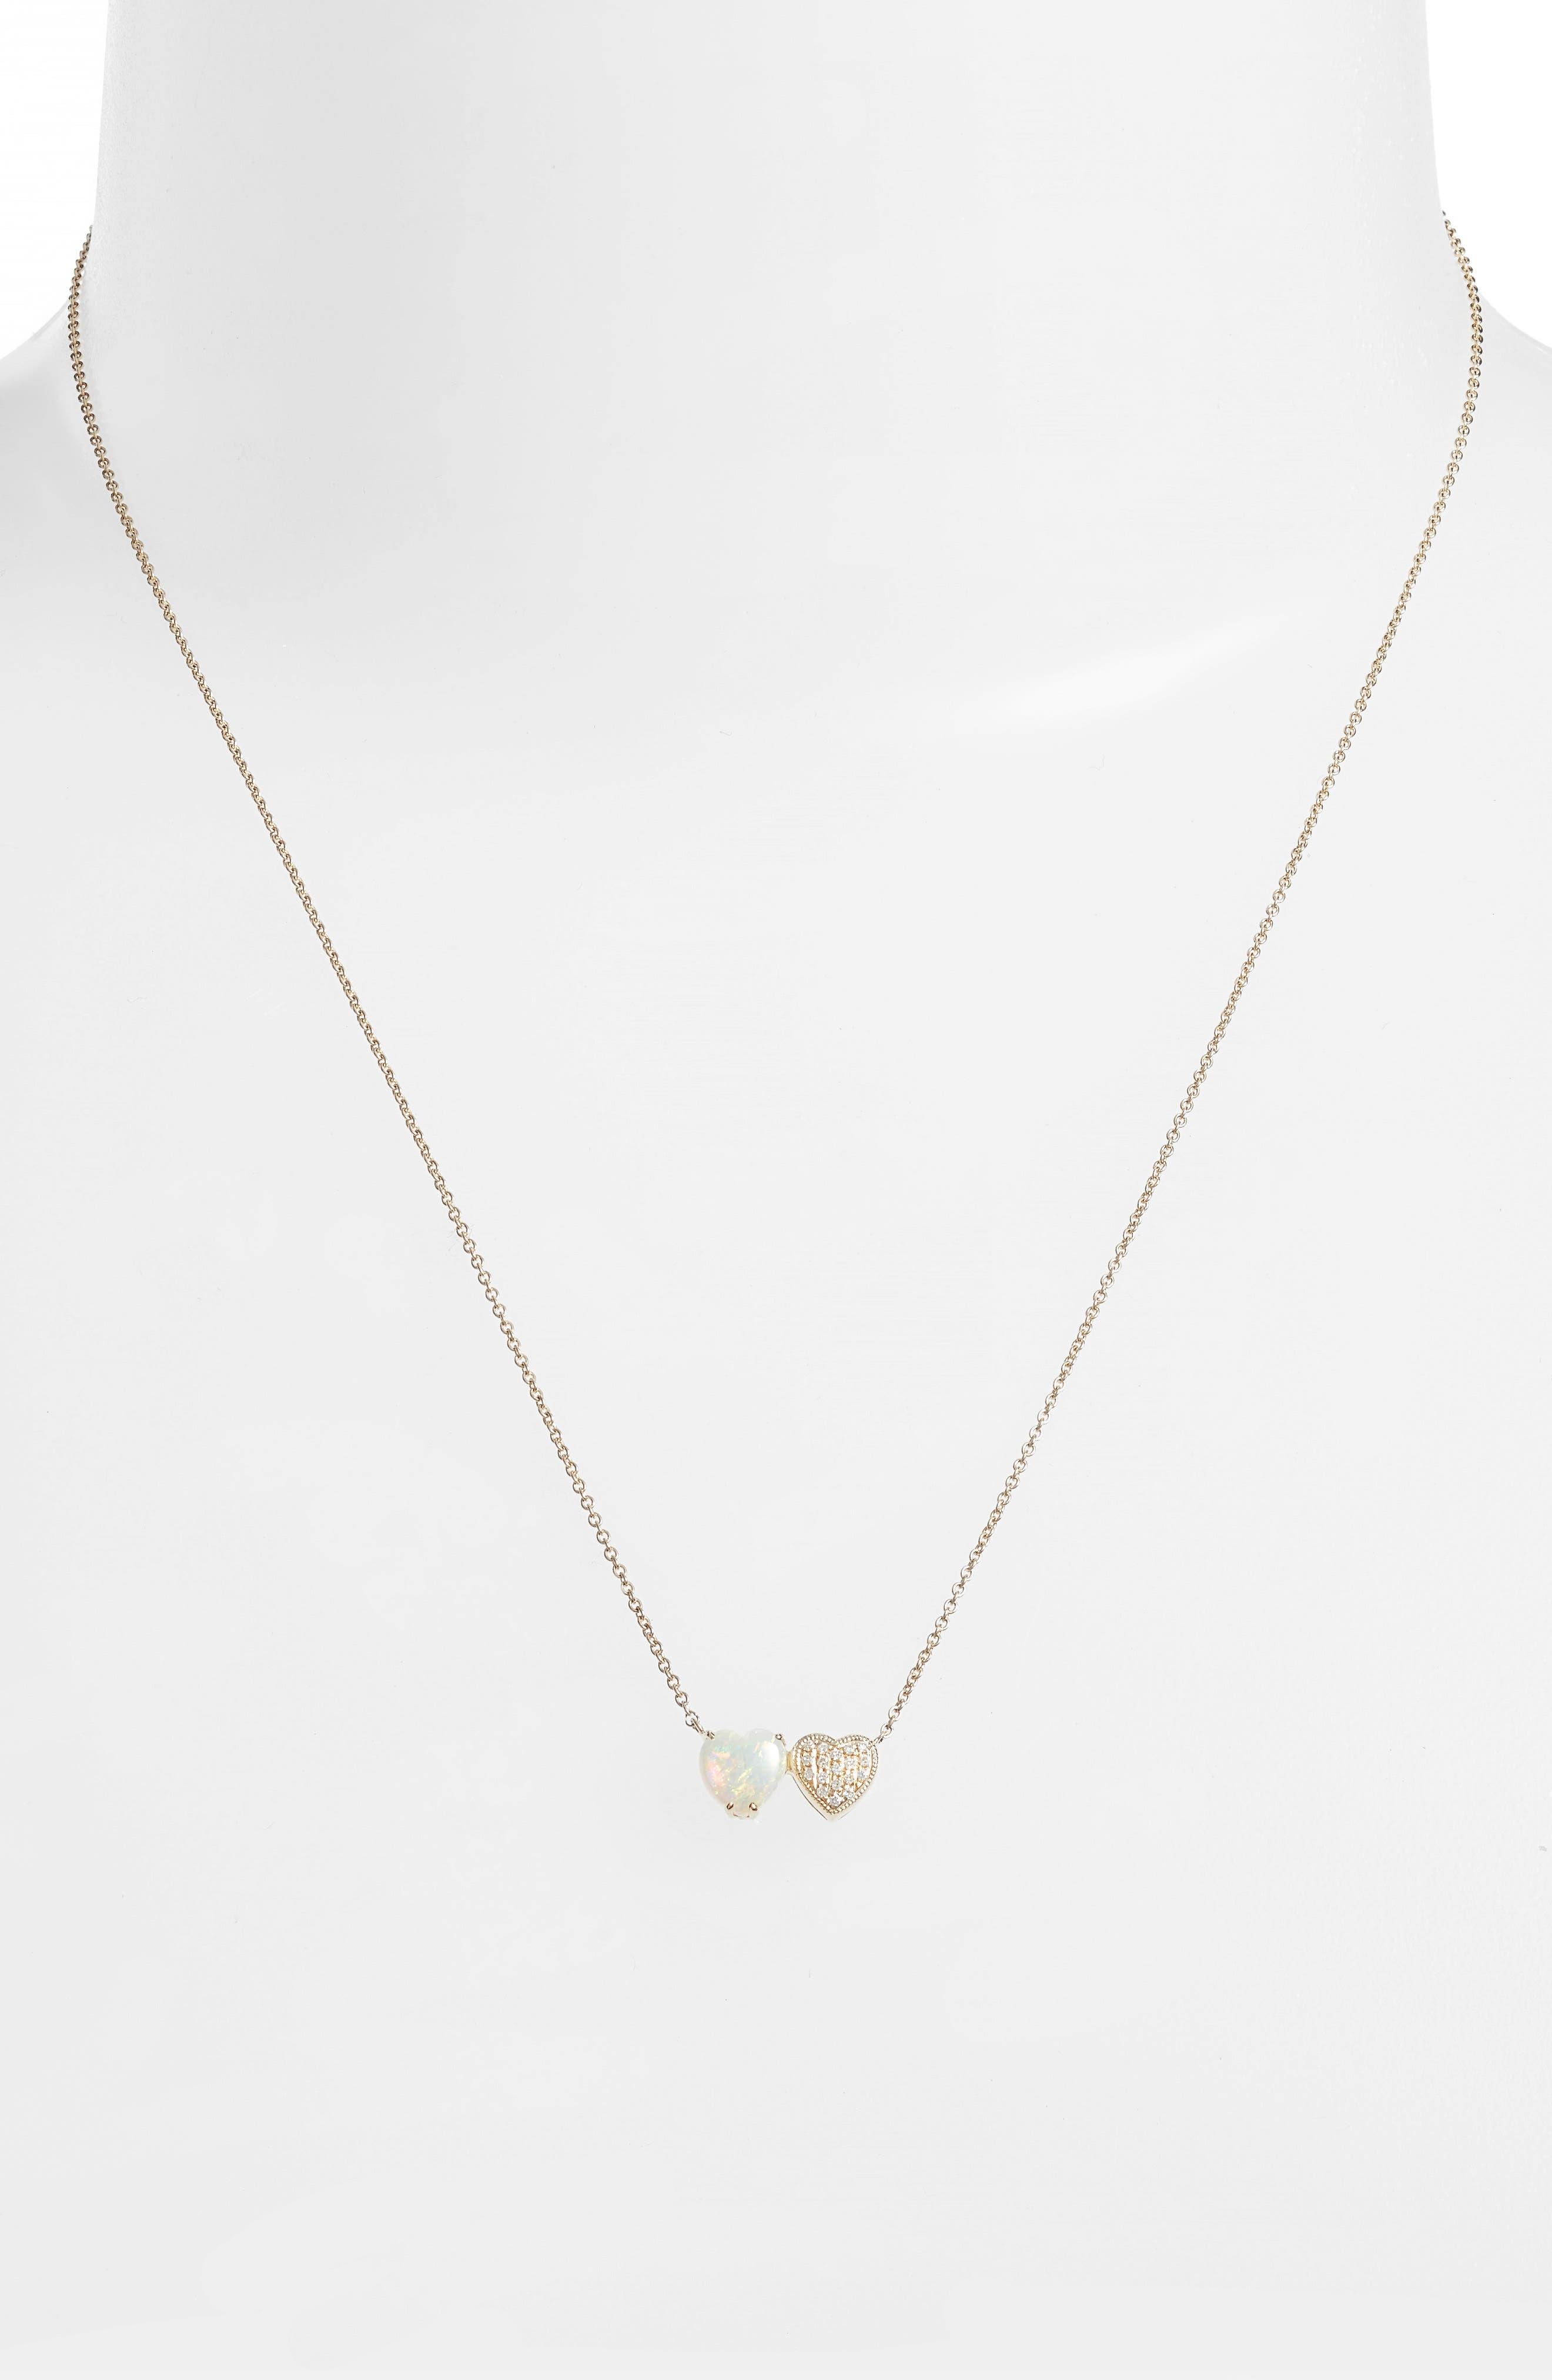 Dana Rebecca Designs Semiprecious Stone & Diamond Pendant Necklace